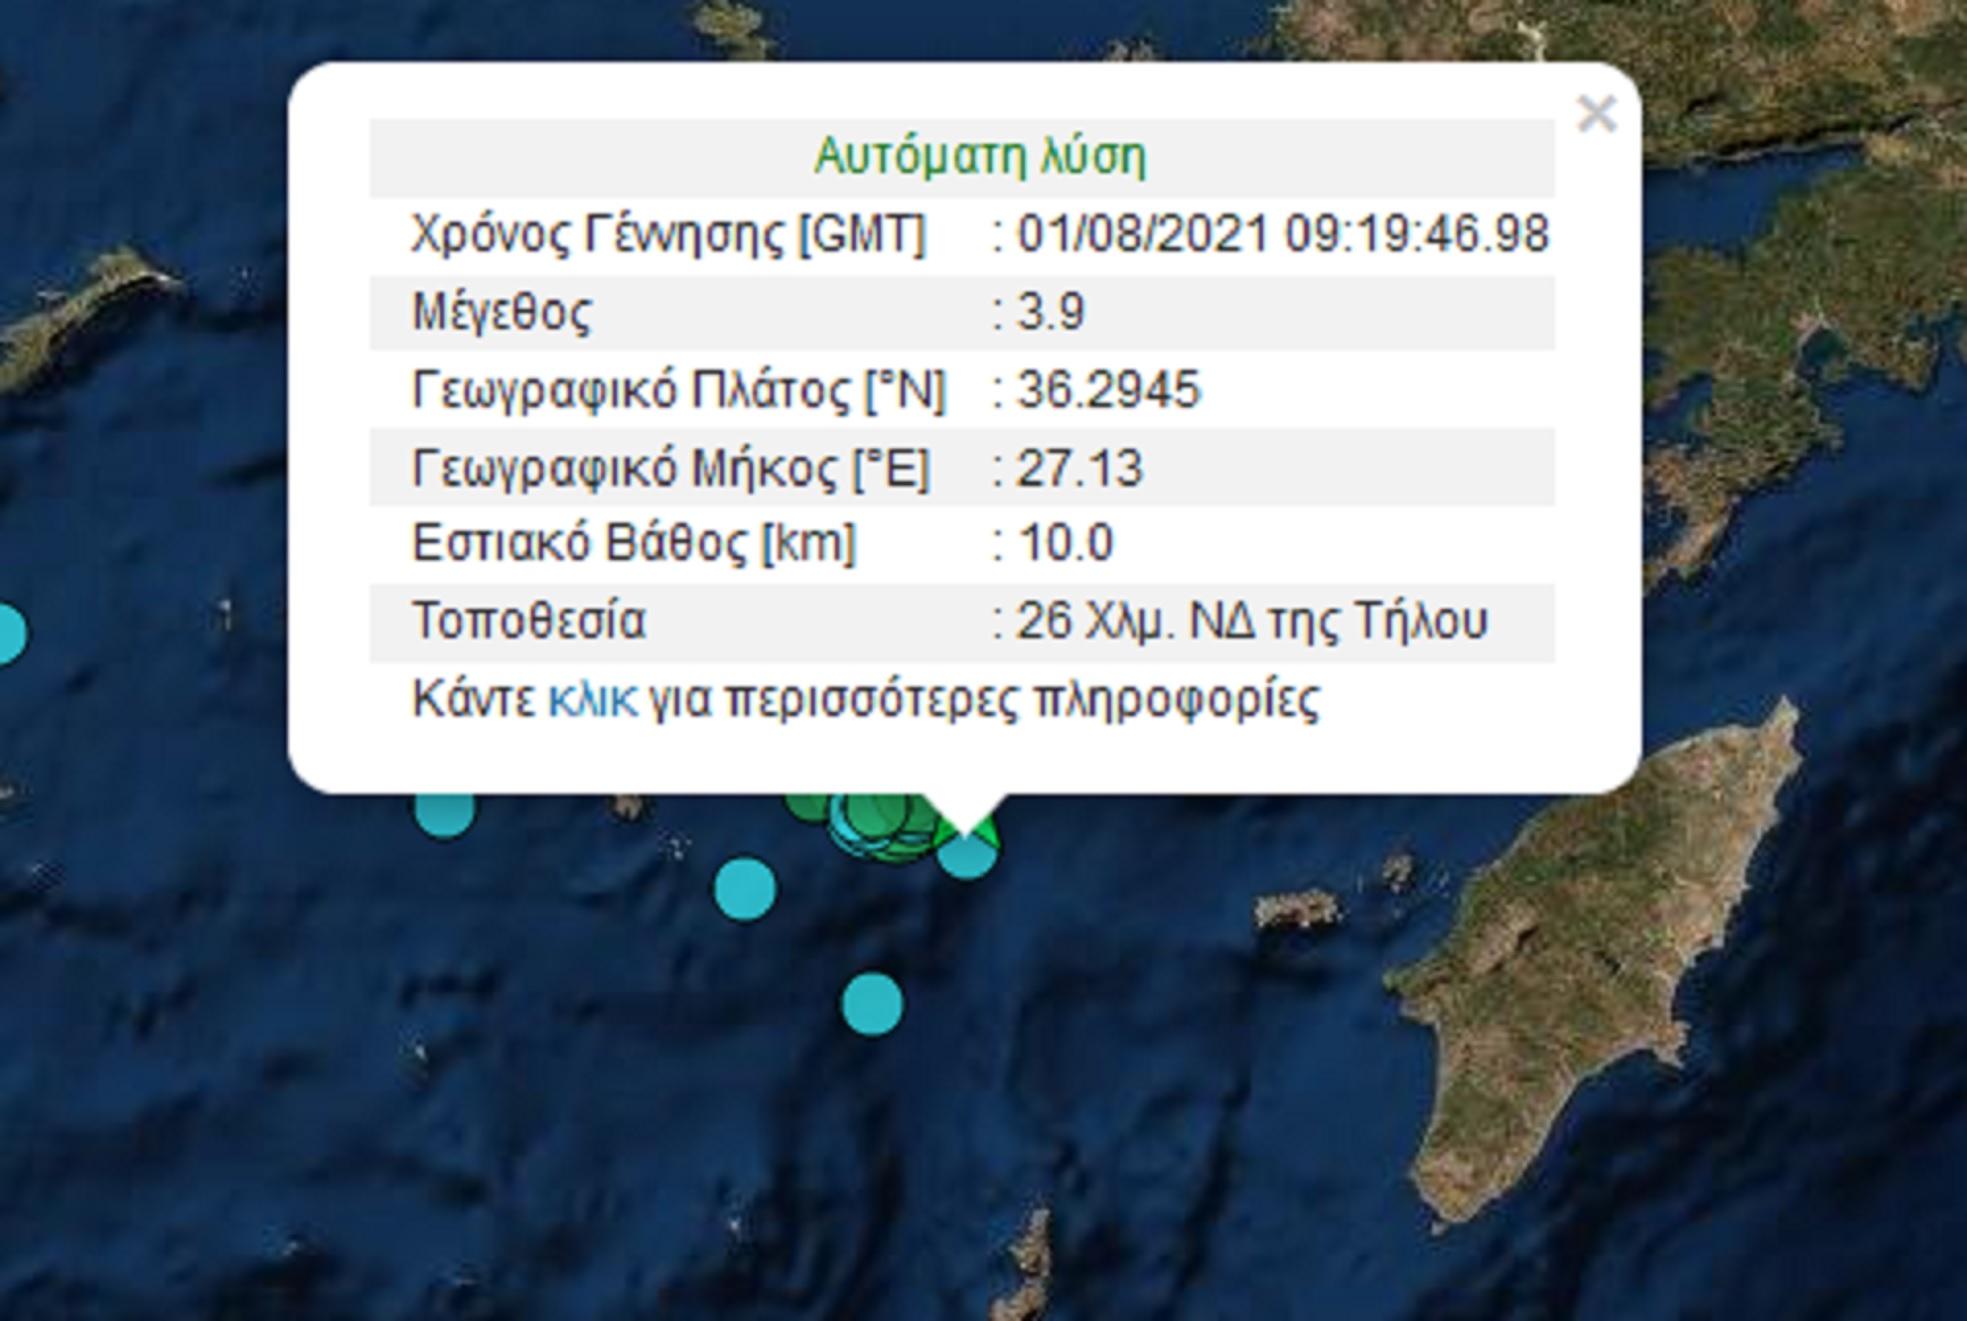 Στον ρυθμό των Ρίχτερ η Νίσυρος: Και 5ος σεισμός μέσα σε λίγες ώρες